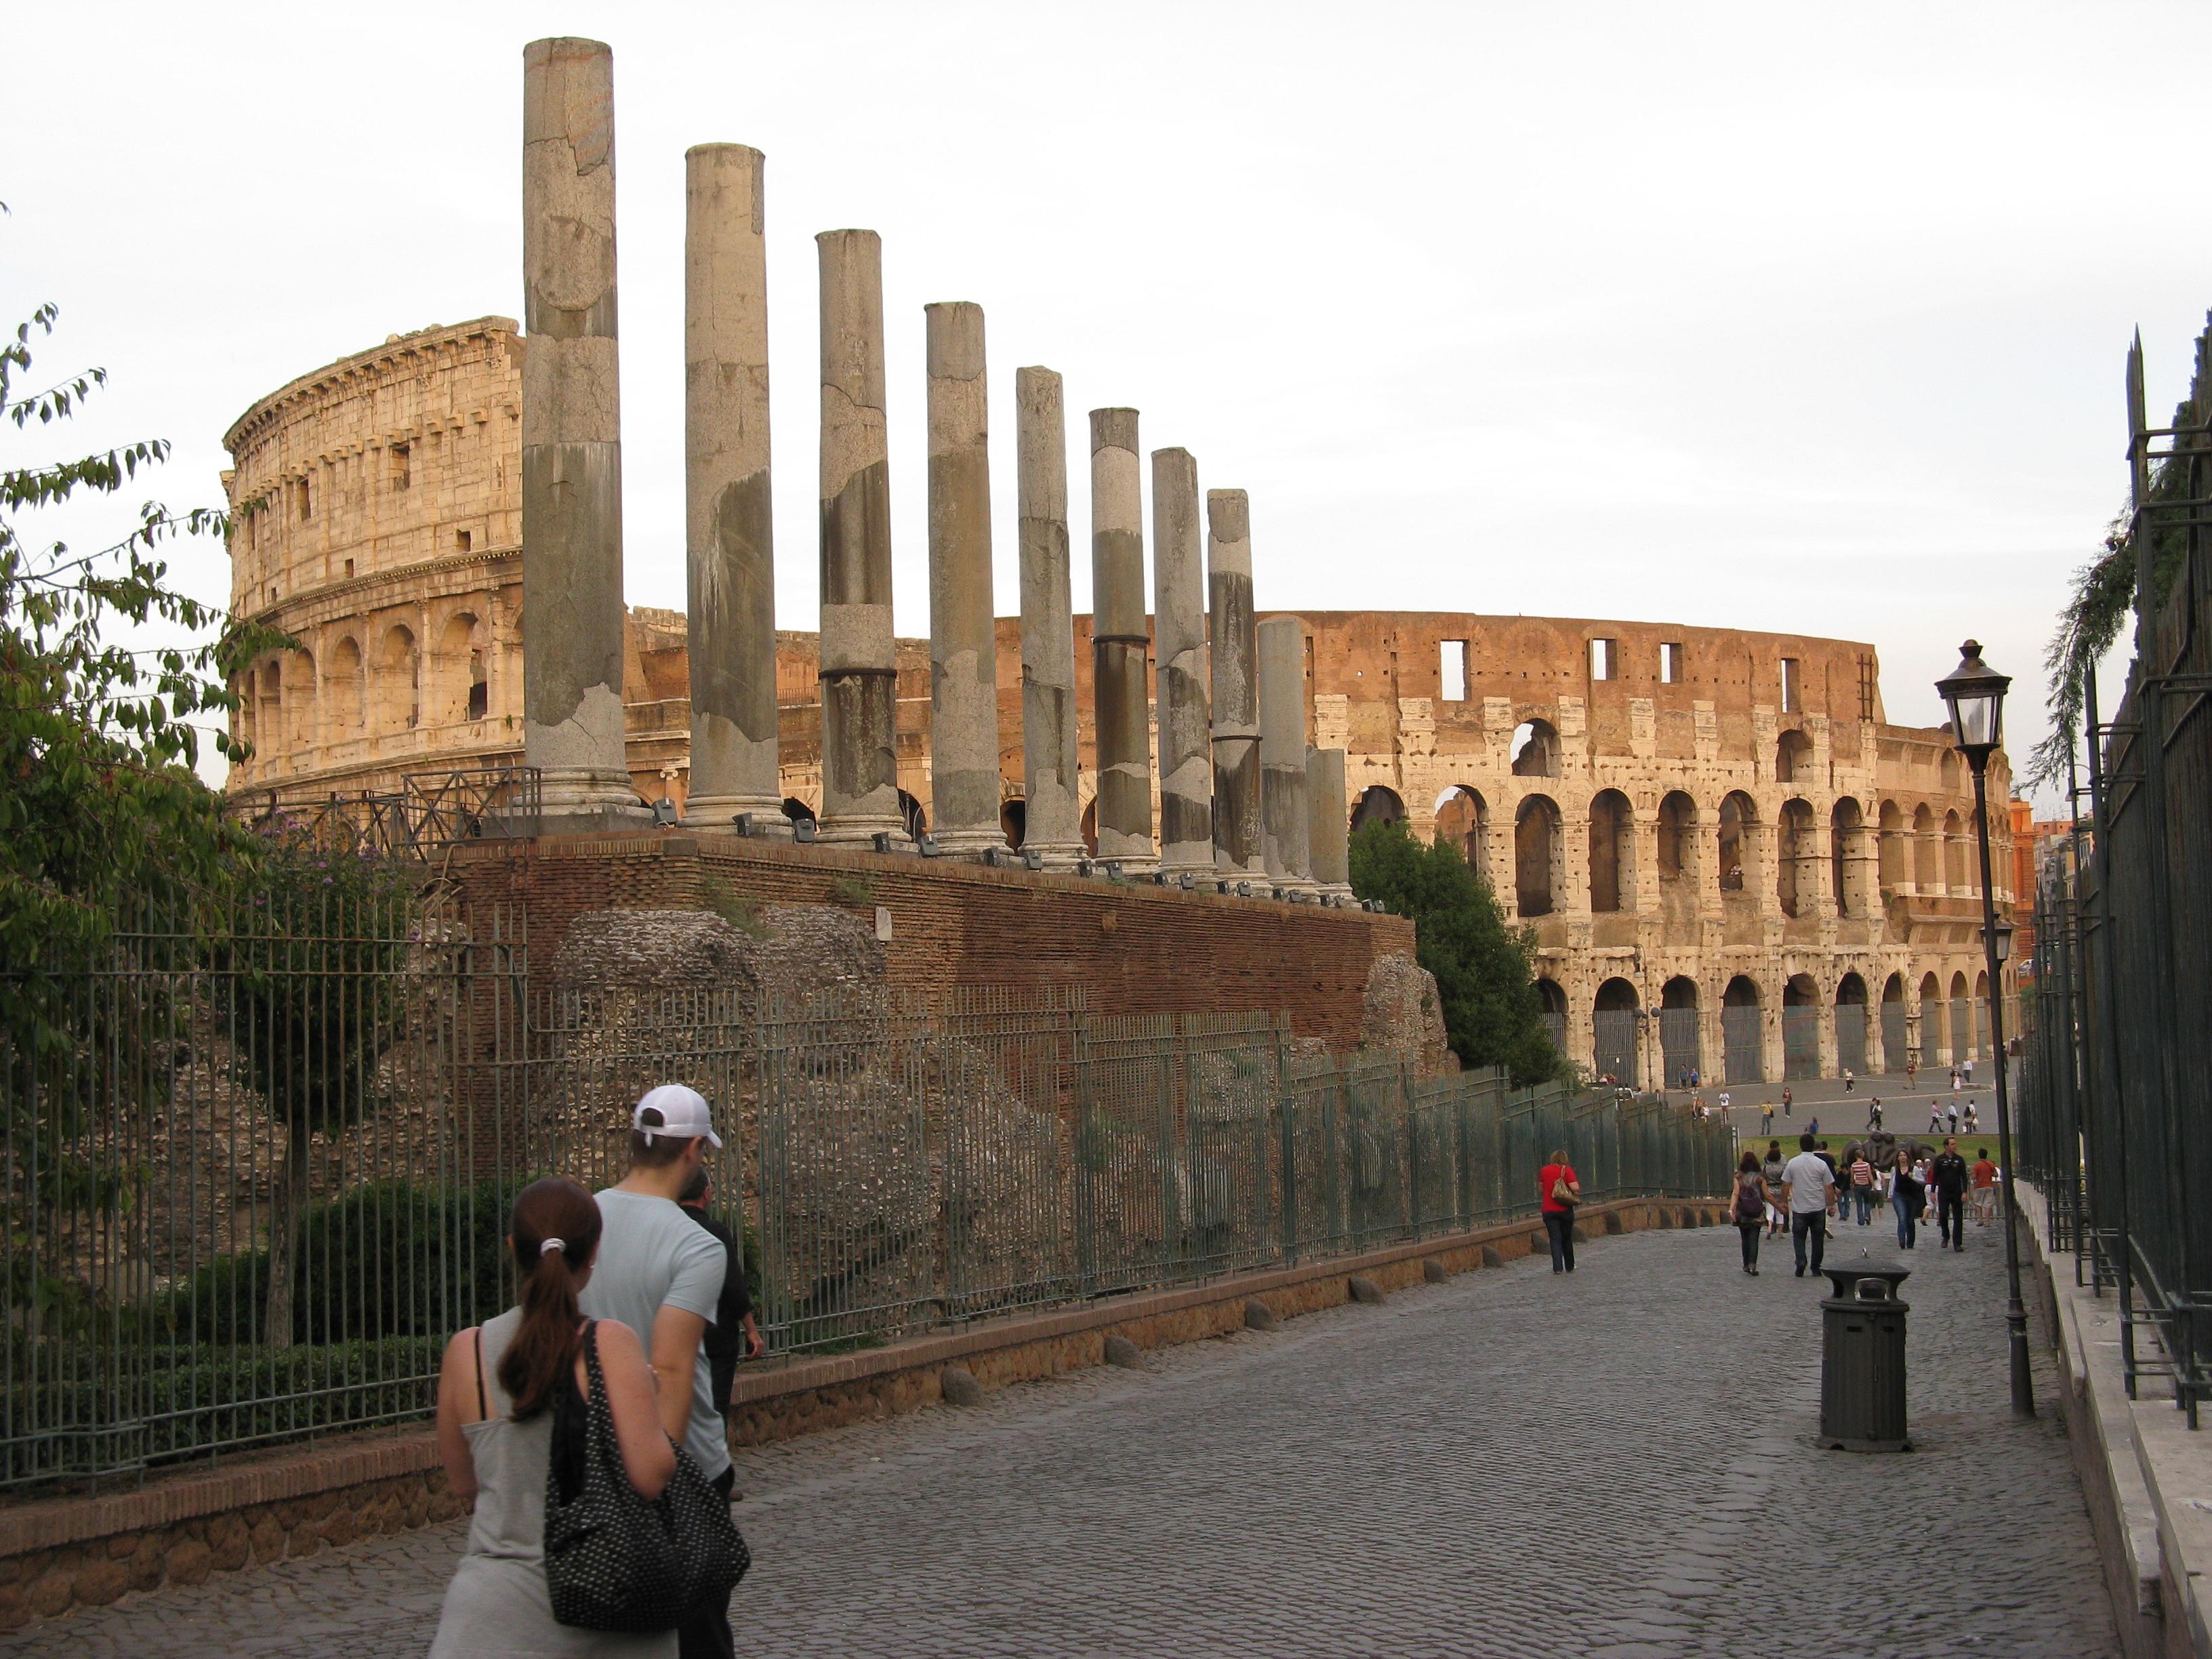 File:Colosseum-Rome-2.jpg